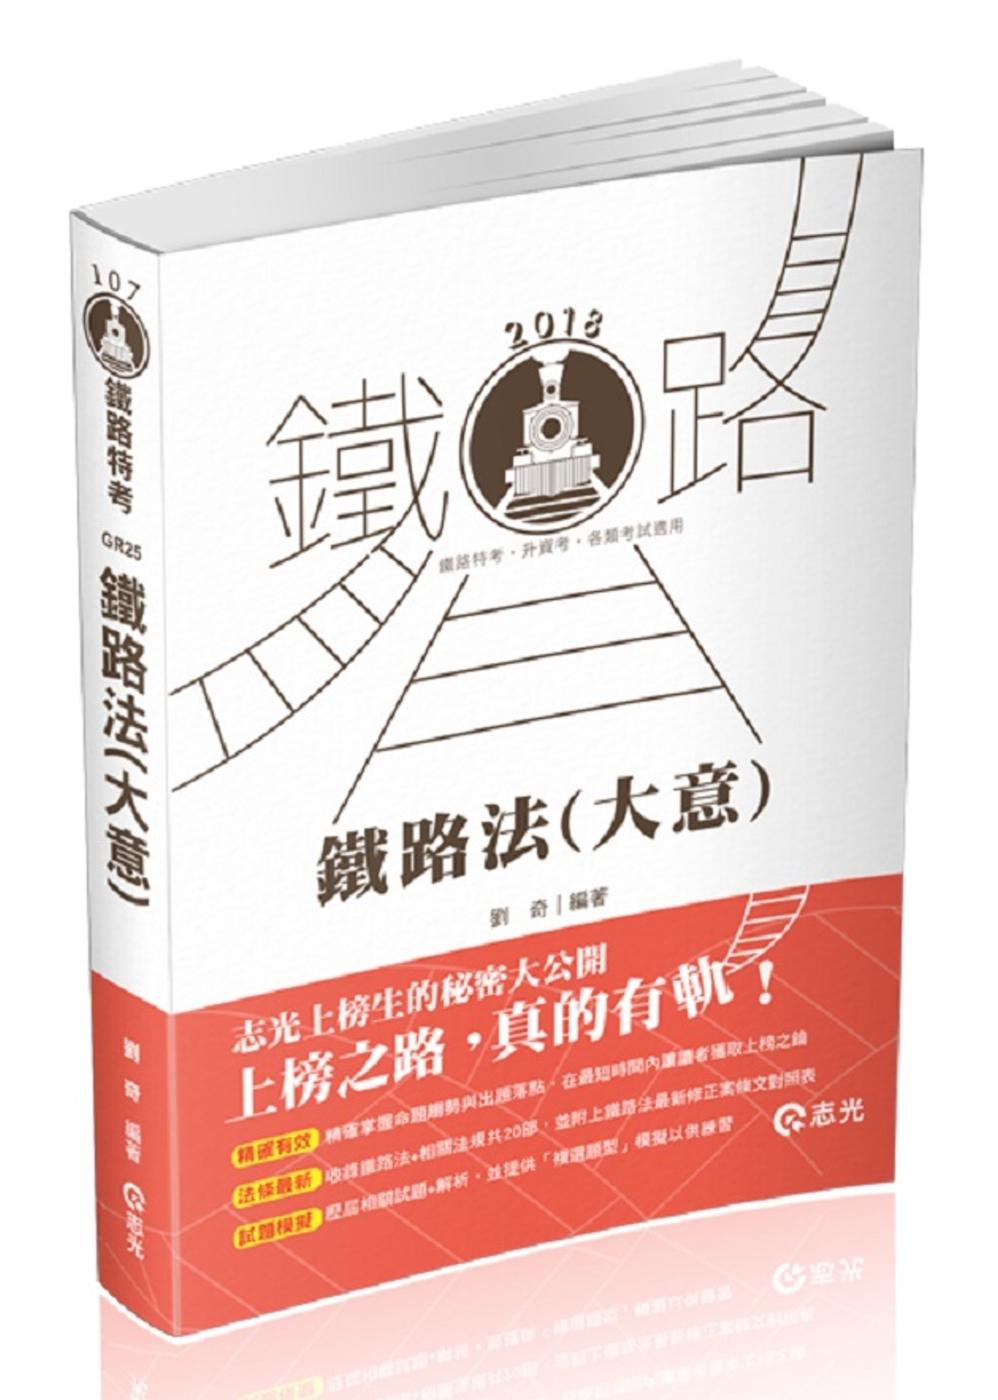 ◤博客來BOOKS◢ 暢銷書榜《推薦》鐵路法(大意)(鐵路特考、升資考考試適用)